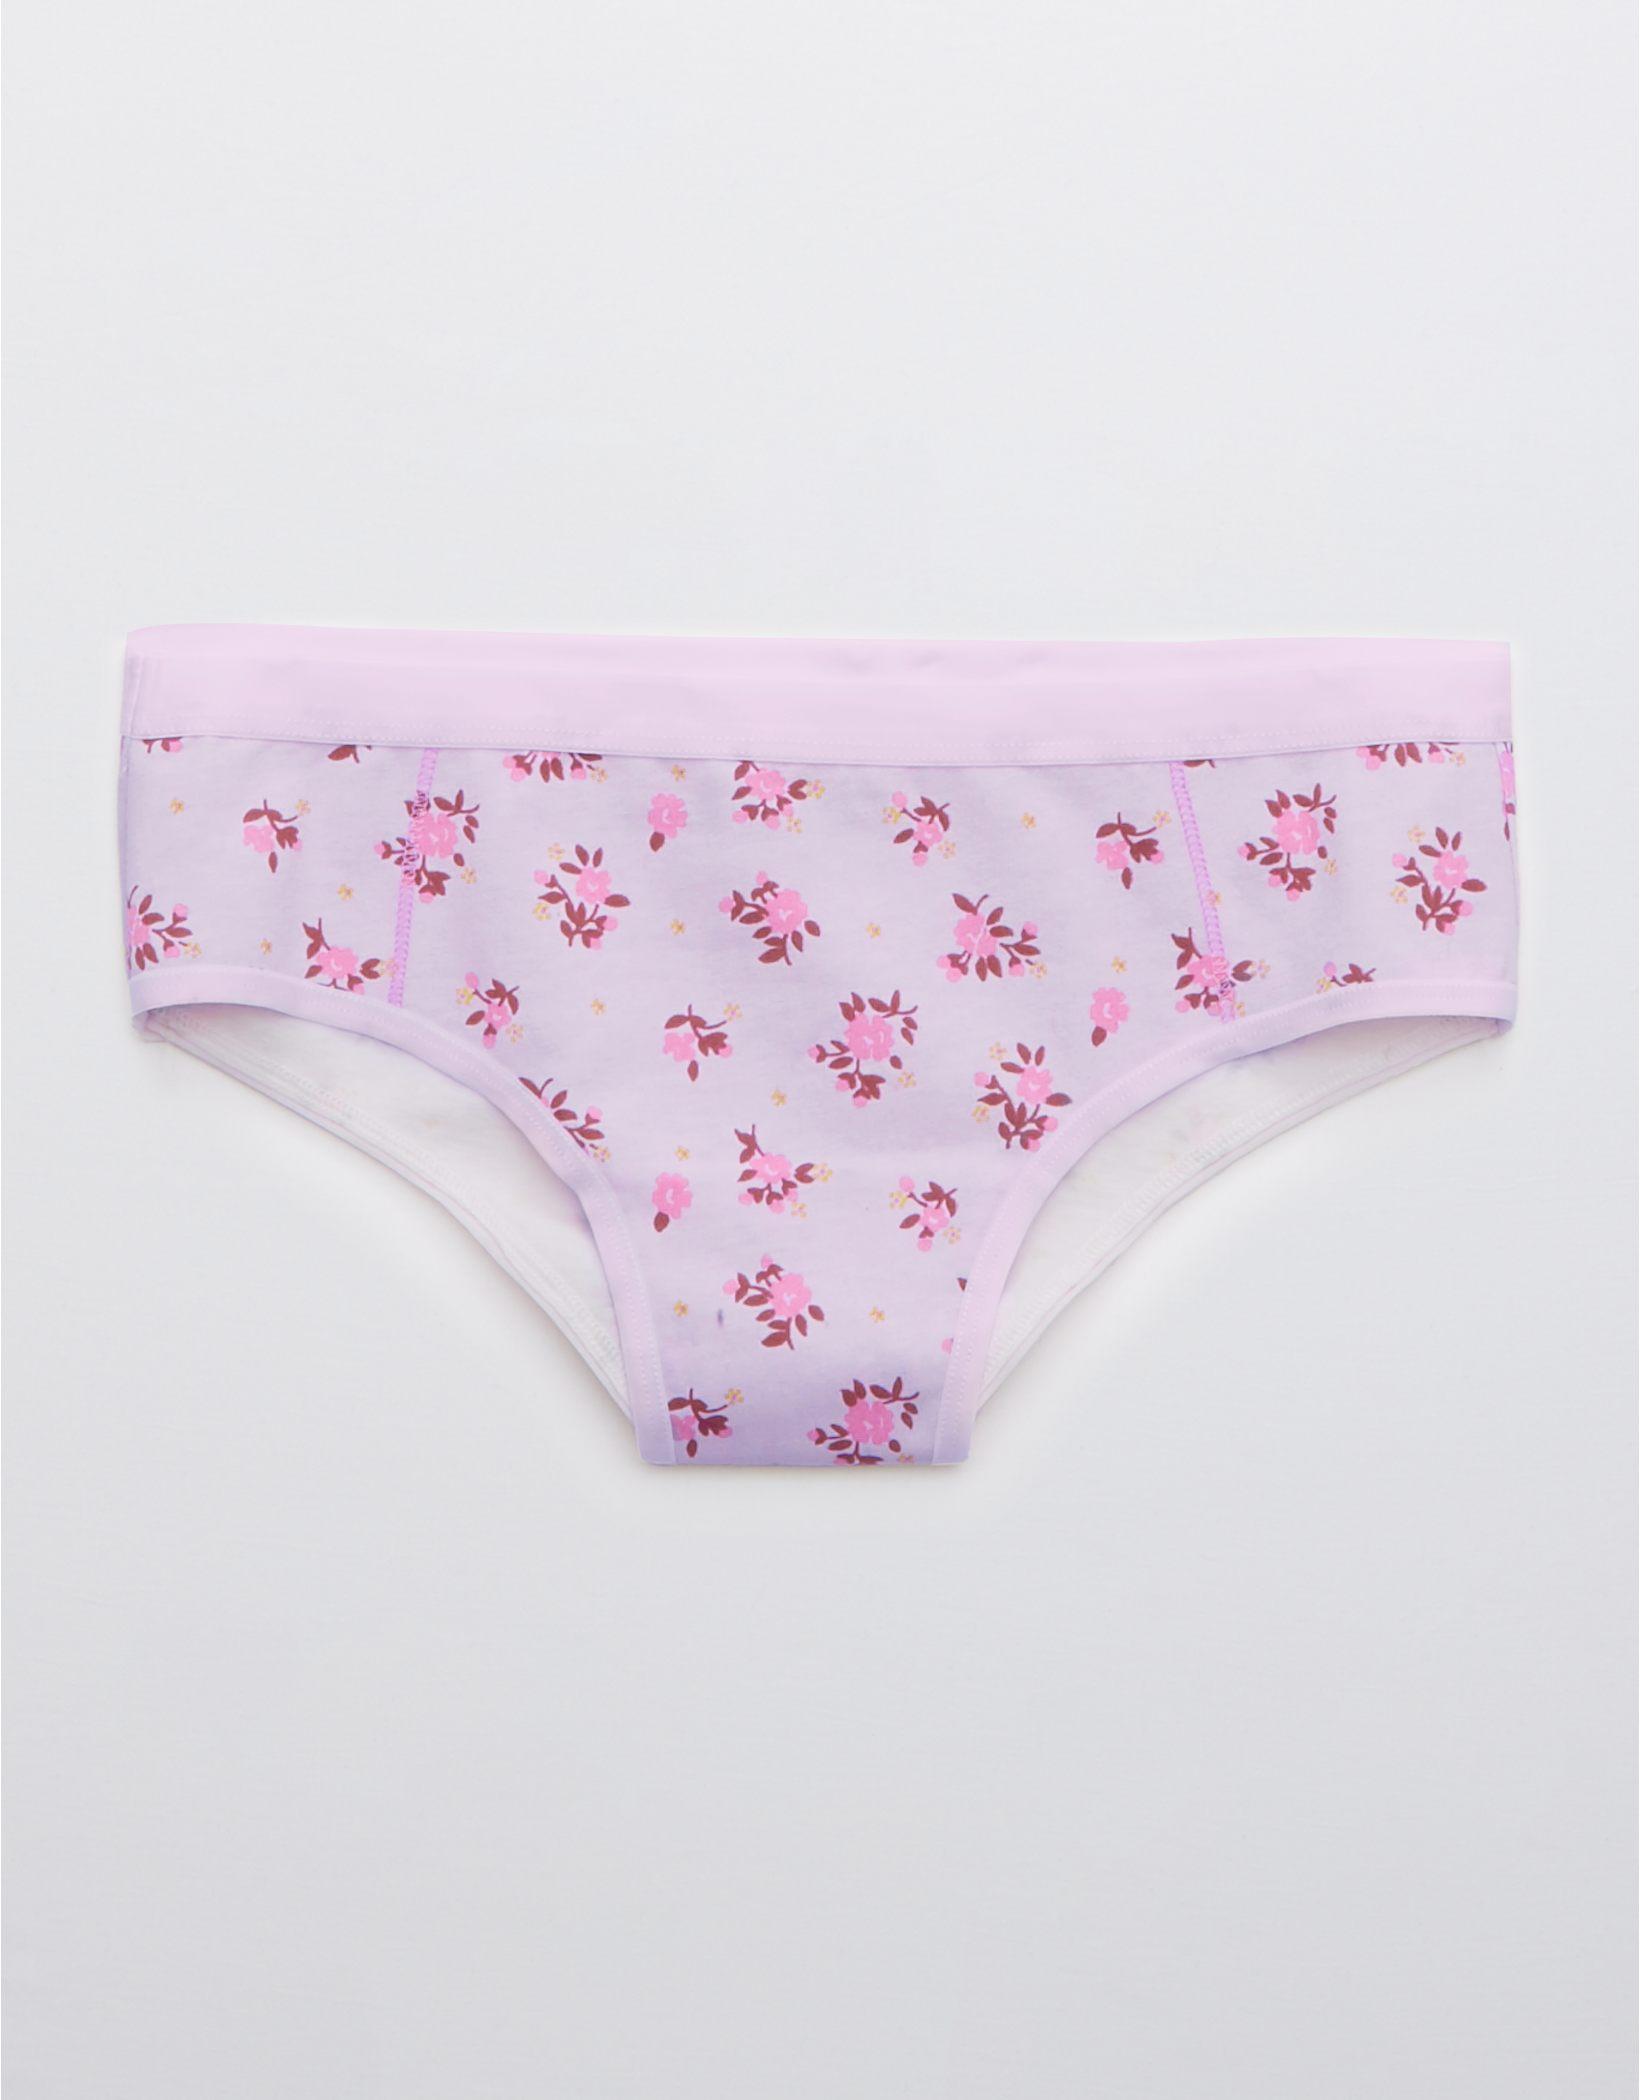 Aerie Cotton Elastic Cheeky Underwear